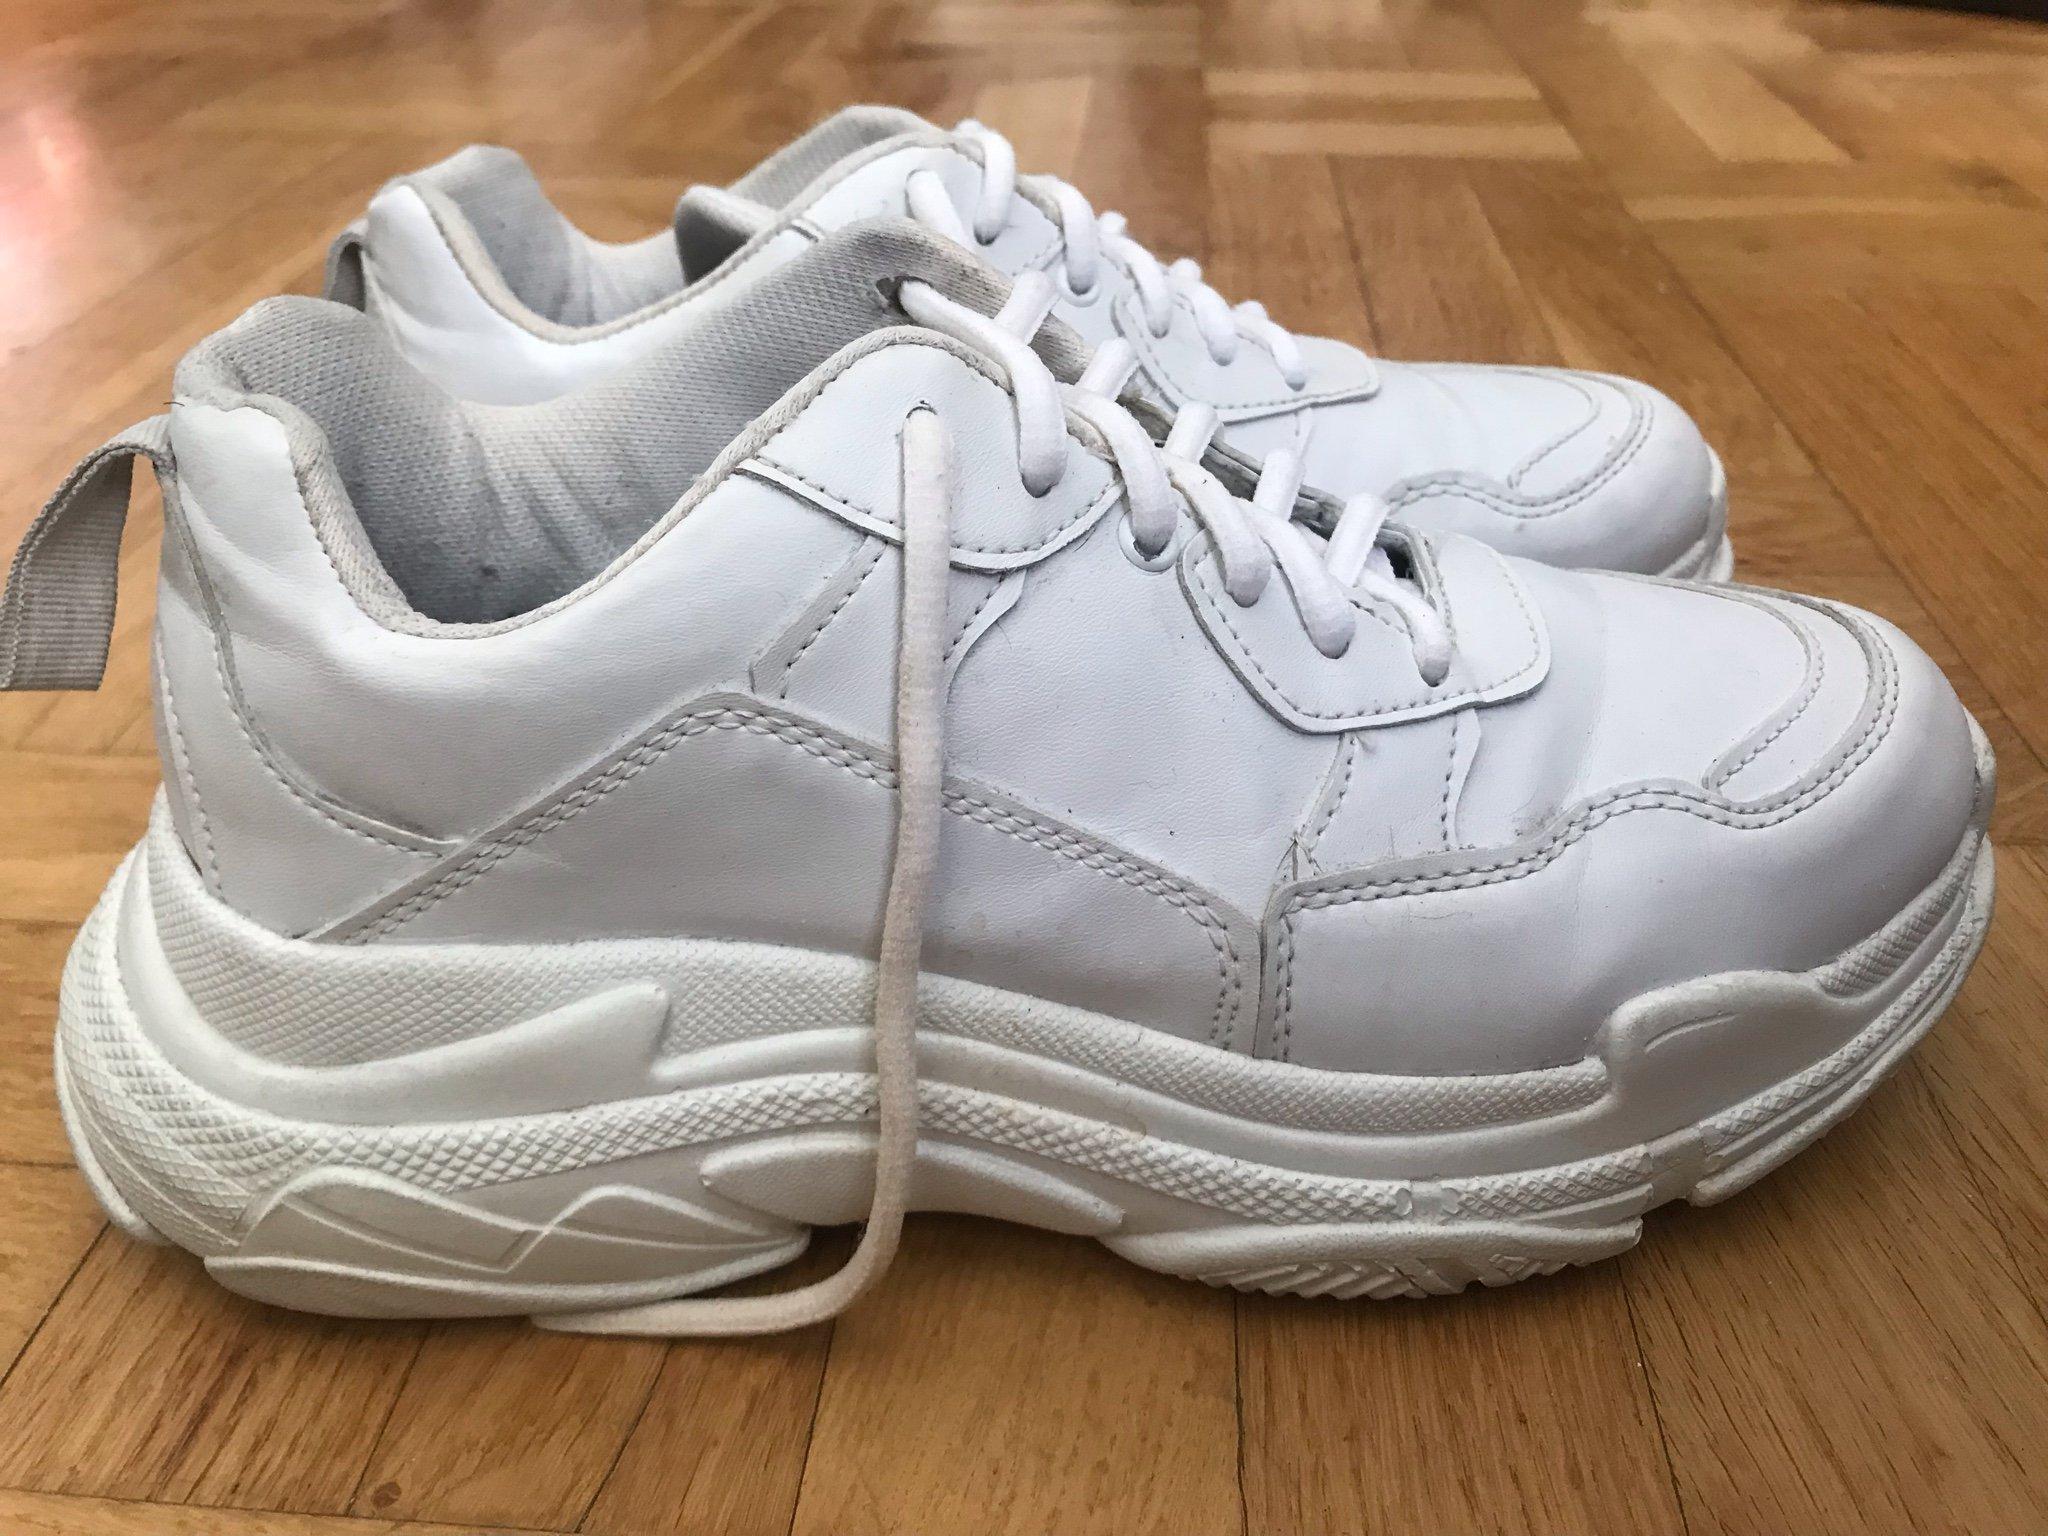 buy popular 55724 6d740 Nelly skor vita sneakers chunky heels 90-tal stl 39